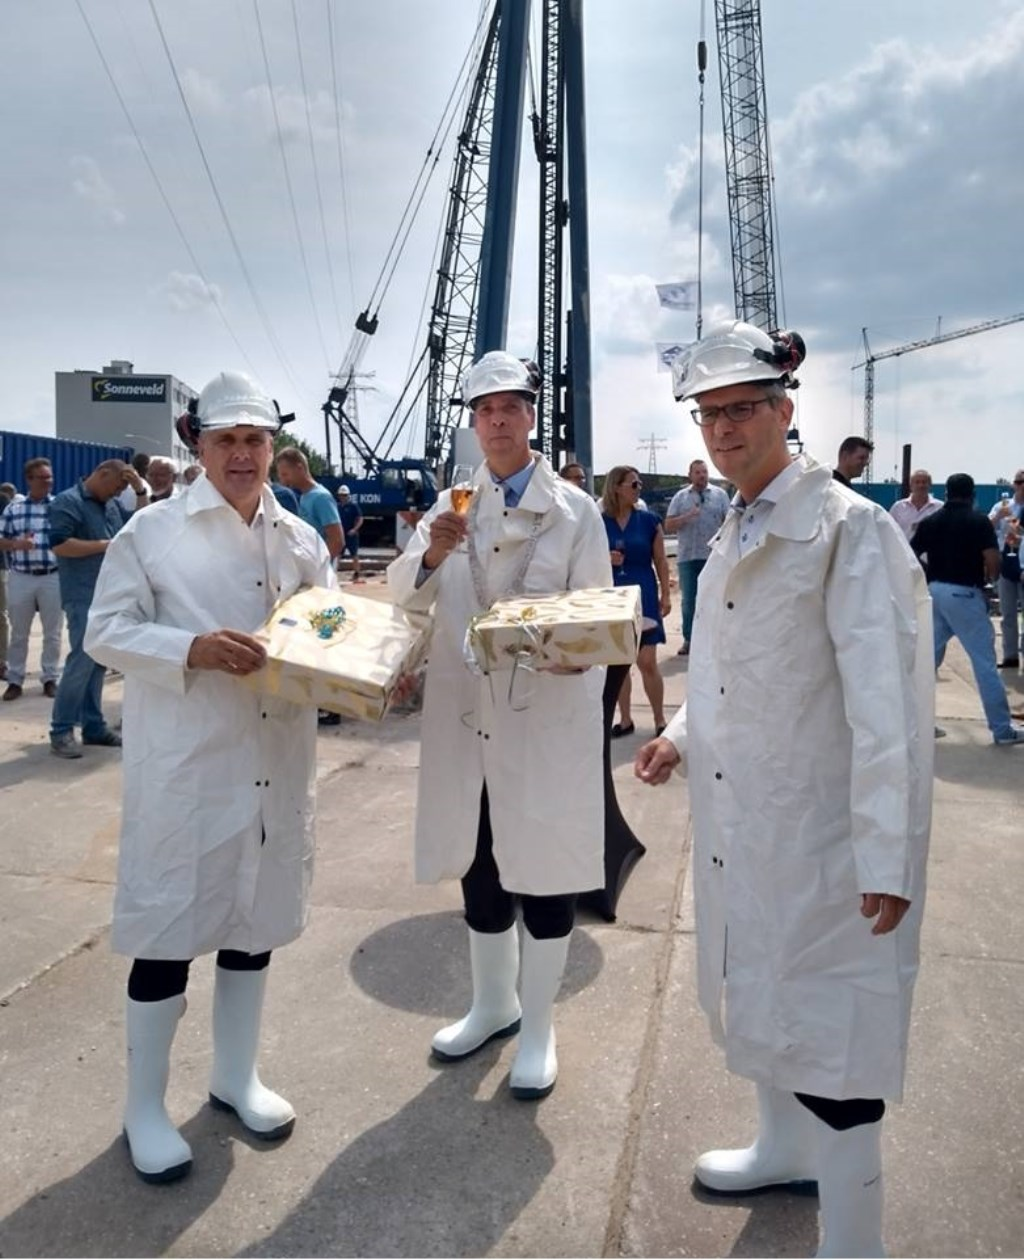 Dirk Jan Teeuw, directeur van Gebr. De Koning, Arjen Dekker, directeur van Scheepswerf Slob en burgemeester Moerkerke. Foto: Gebr. De Koning © Persgroep